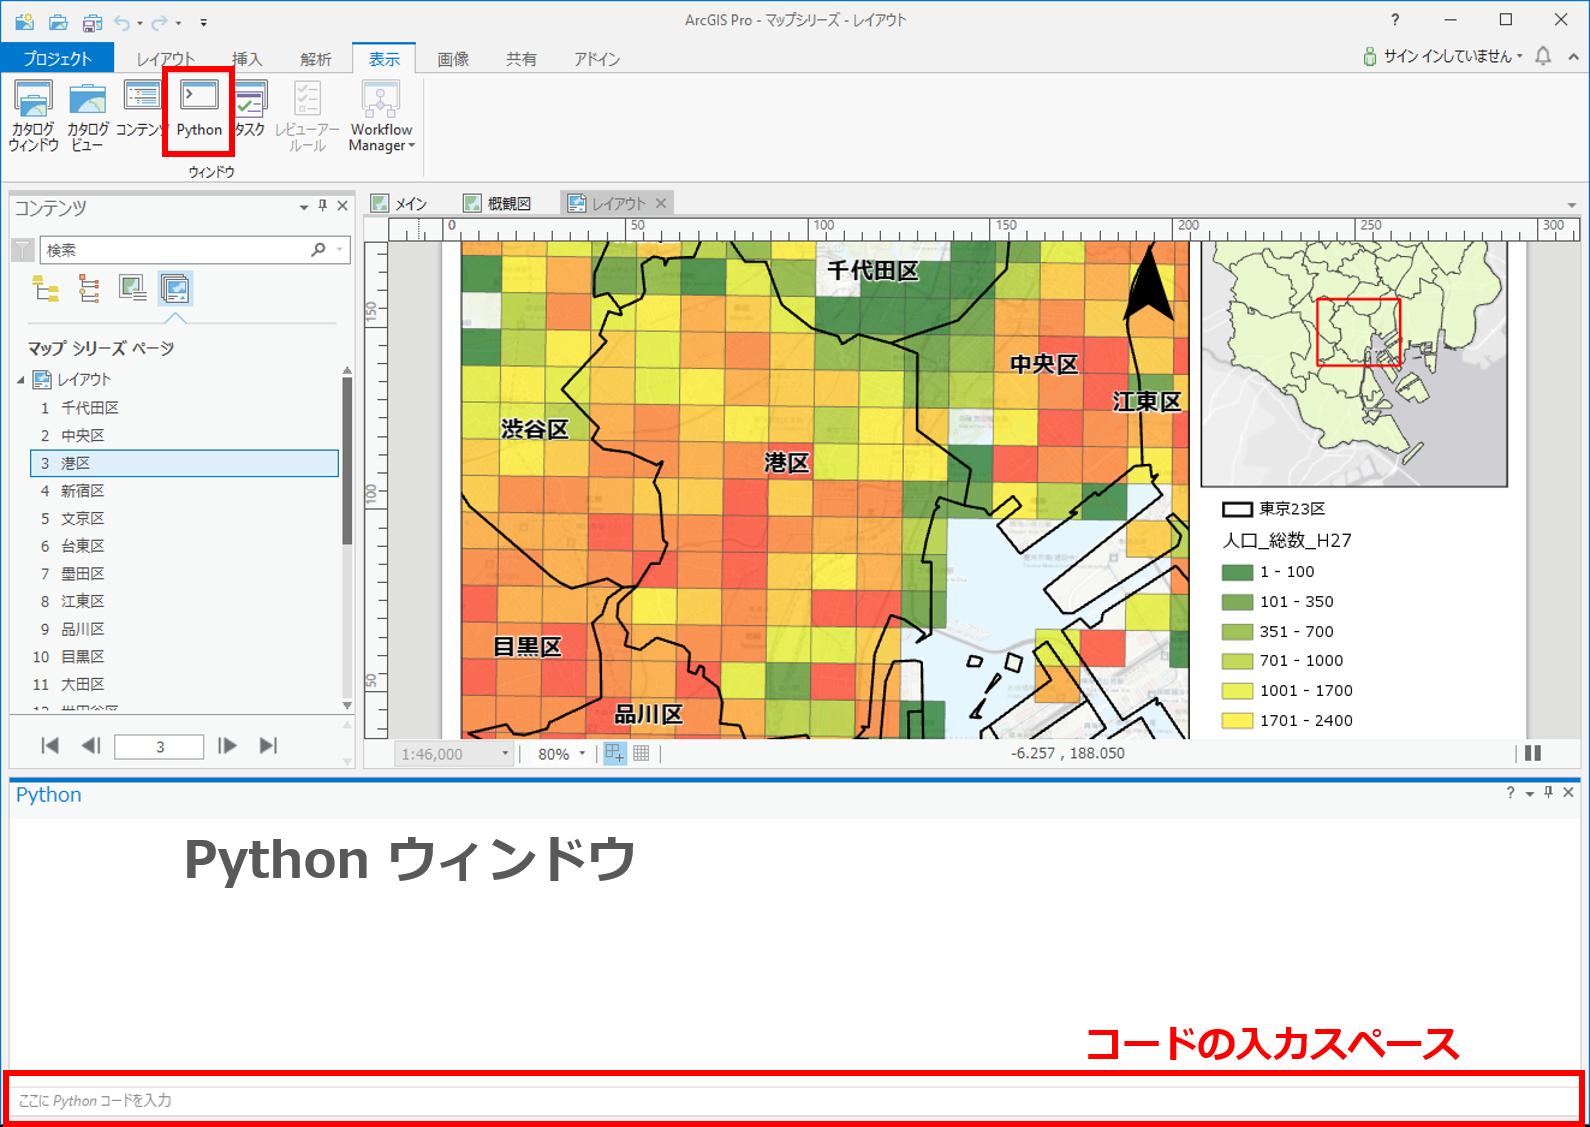 データ ドリブン ページがなくなった!? ArcGIS Pro マップ